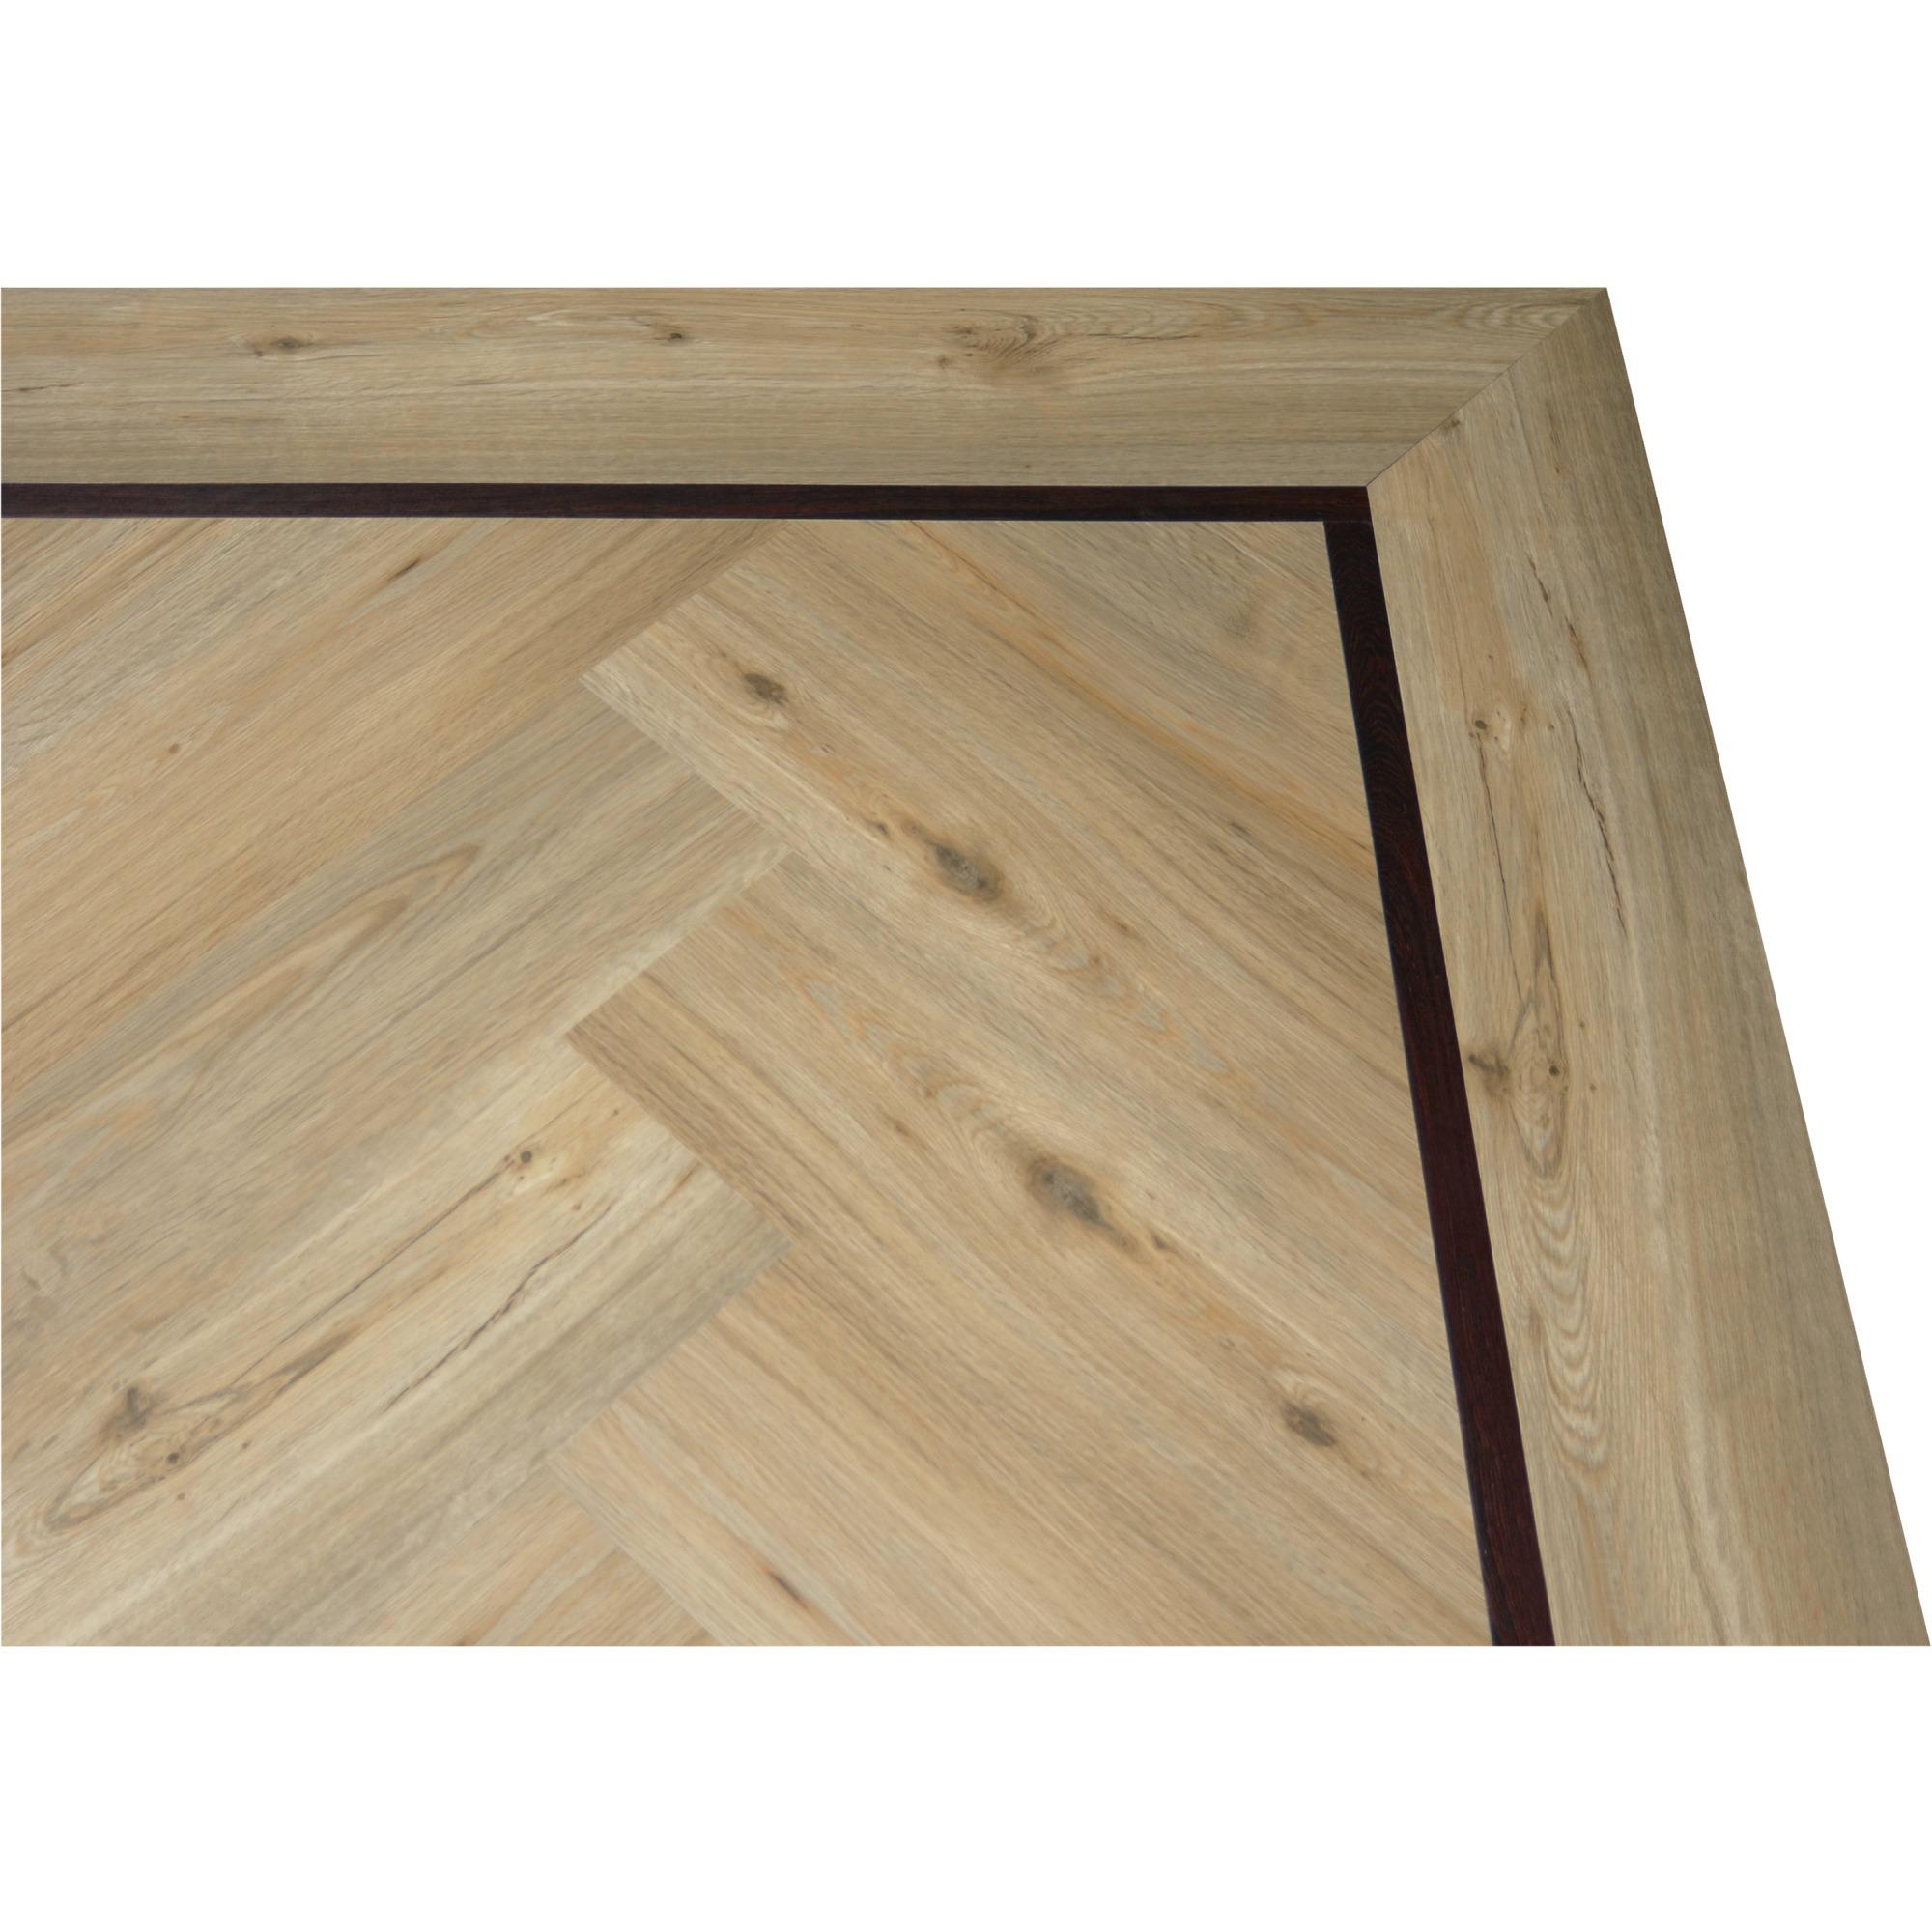 Flexxfloors pvc vloerbies wenge 2,1 m² tbv pvc vloerdeel ...